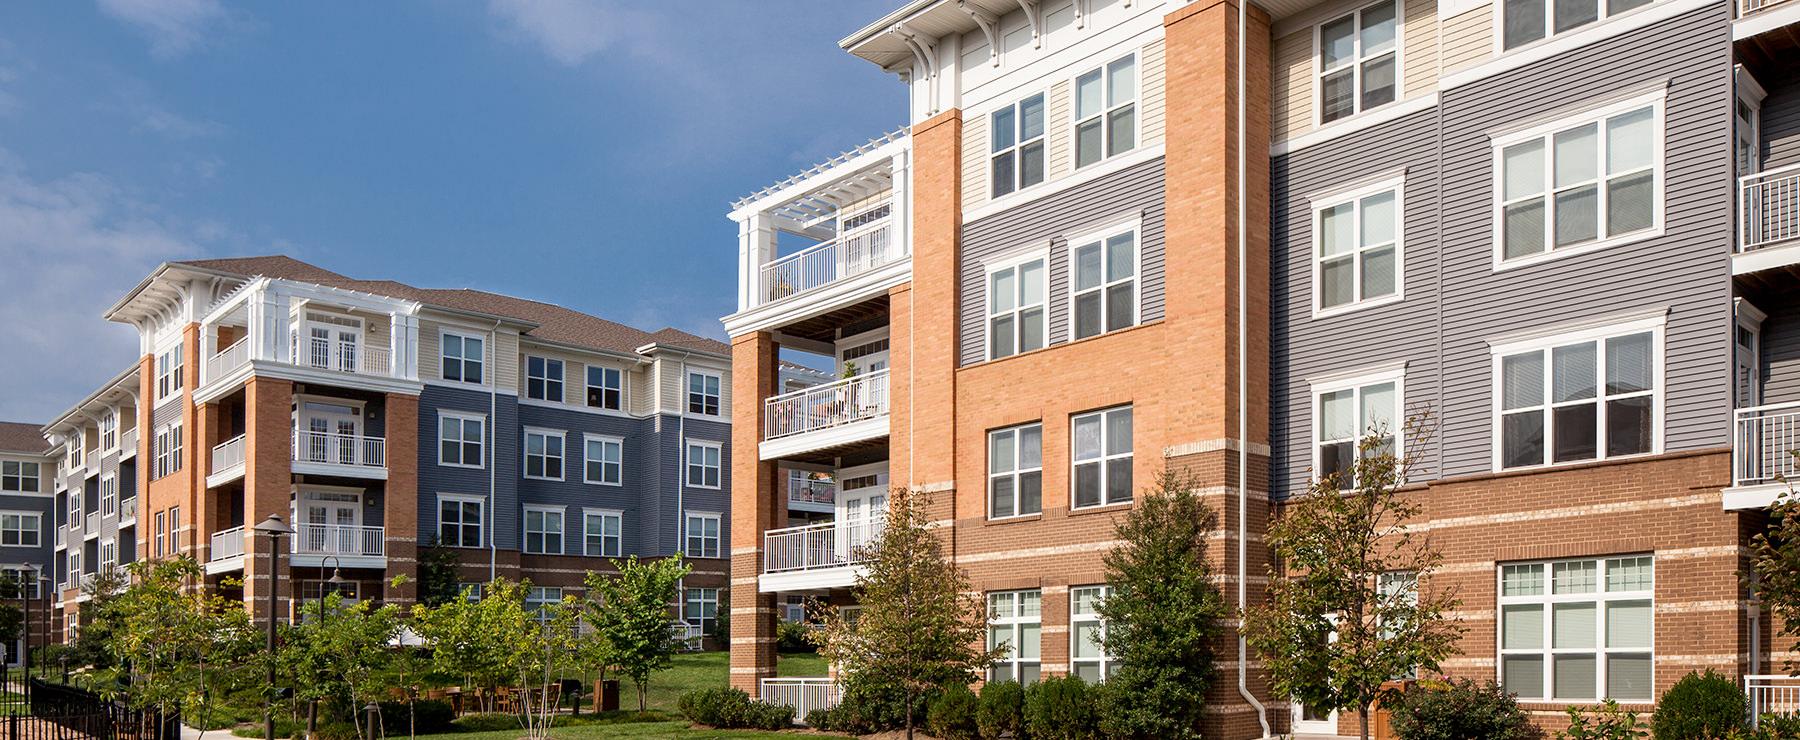 Flint Hill Apartments